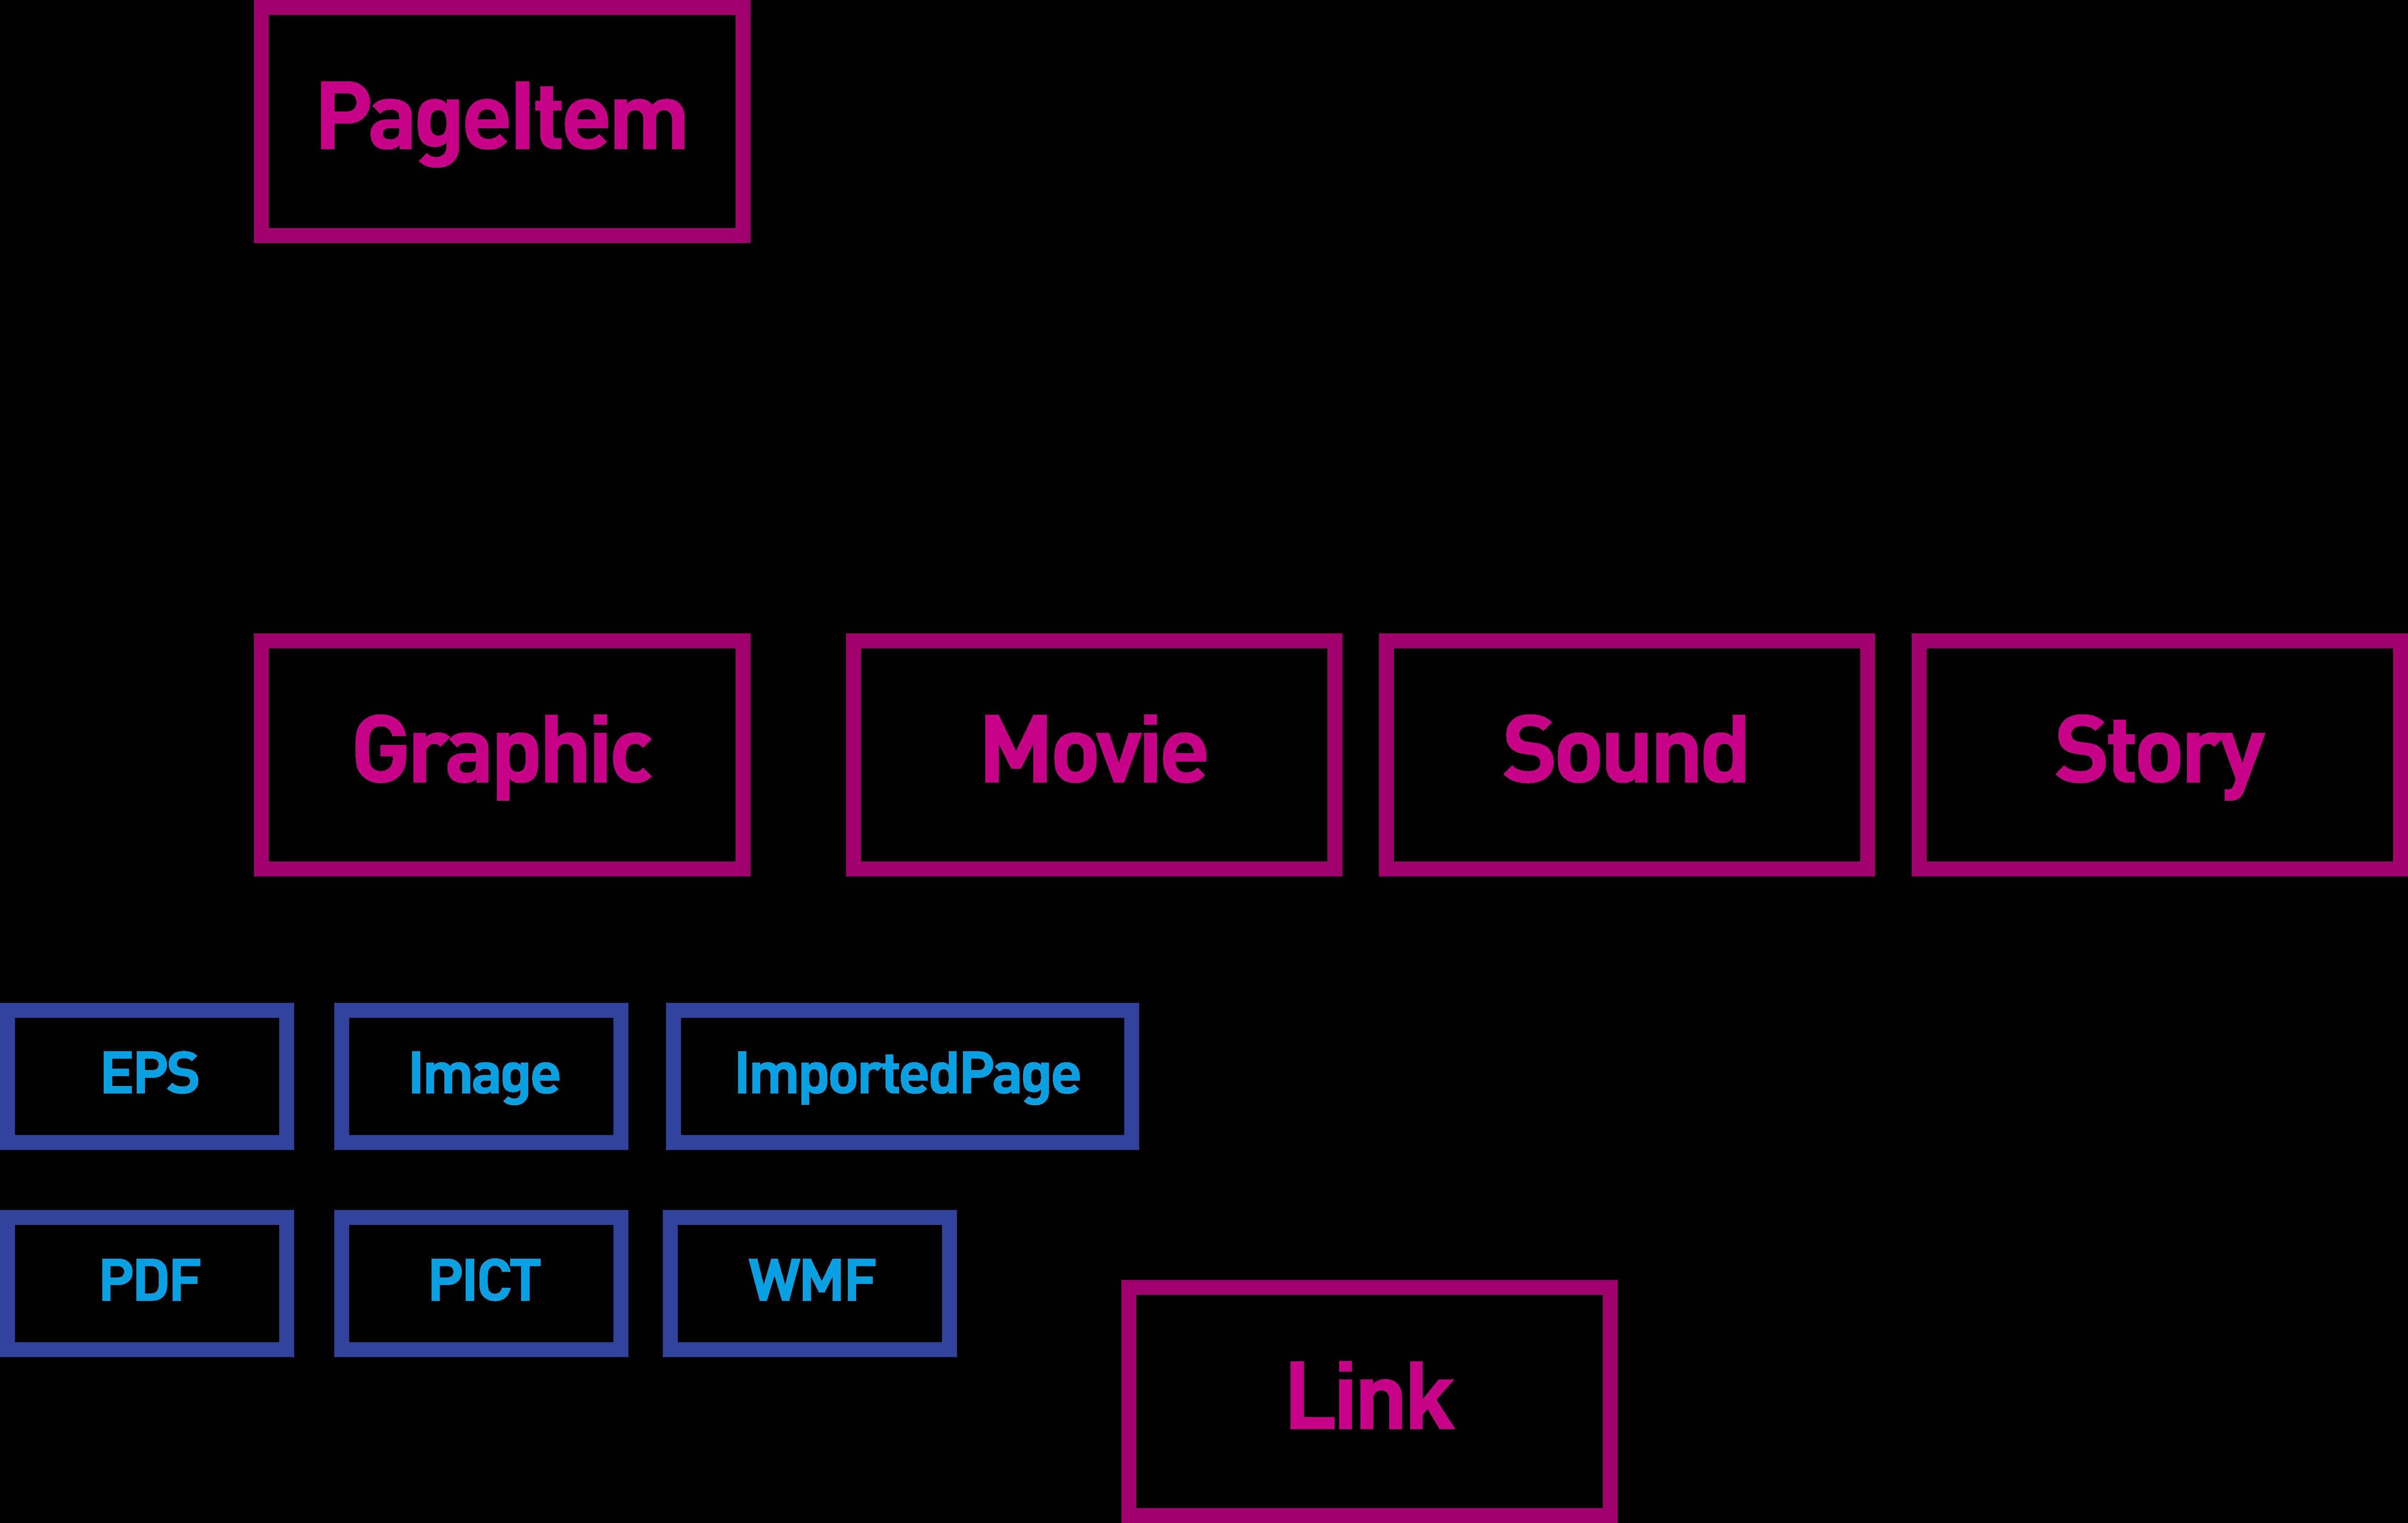 Link object model